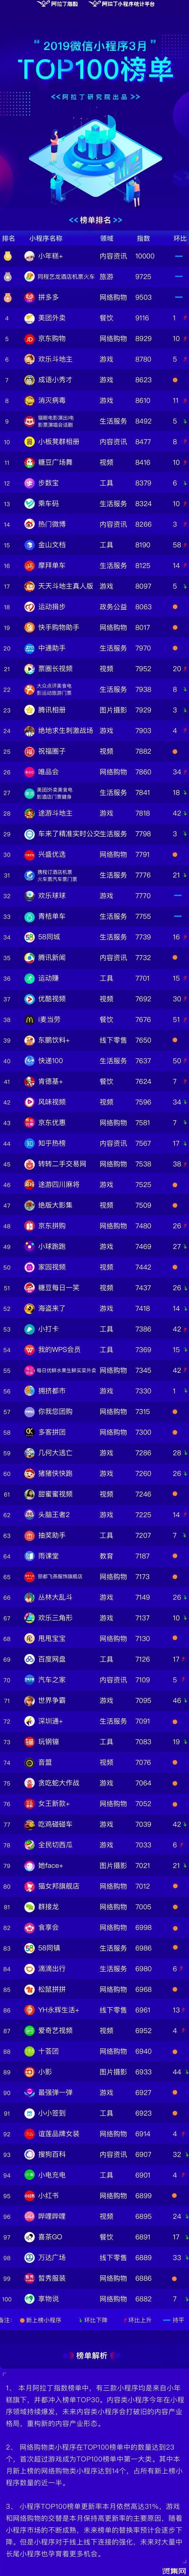 ?阿拉丁发布2019年3月小程序TOP100榜单,网络购物首超小游戏